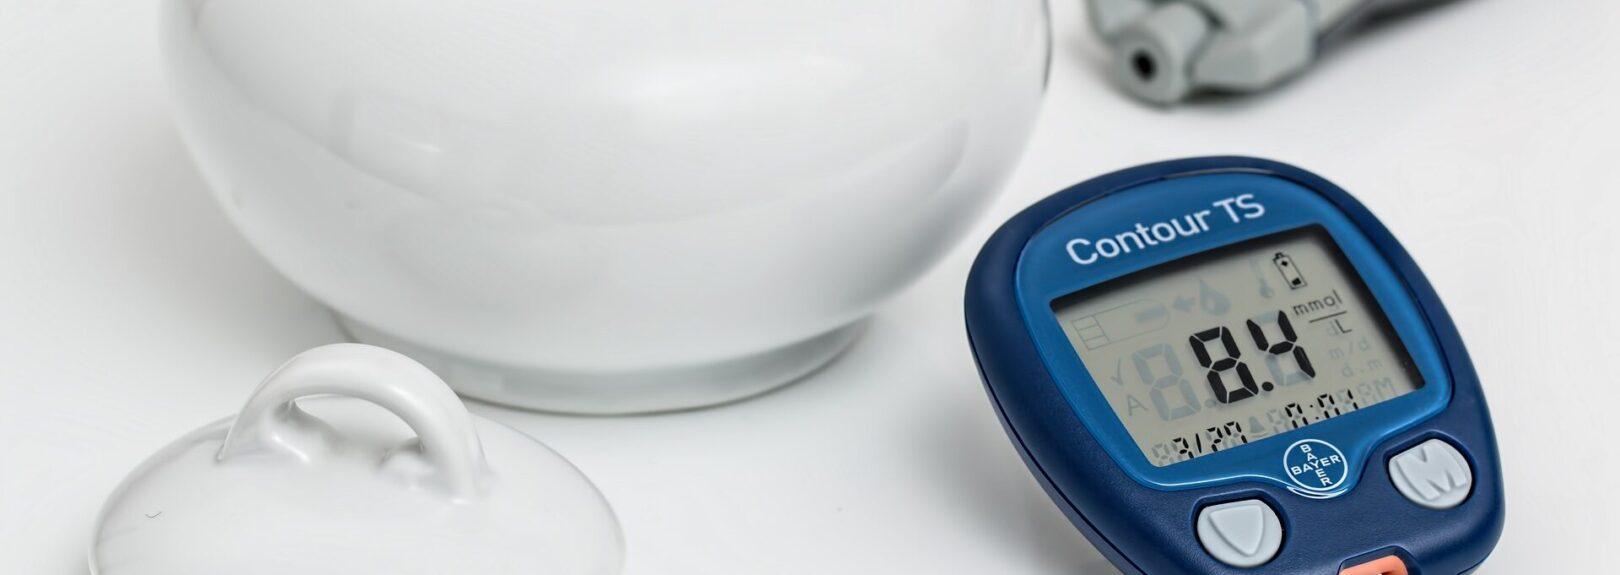 Měření hladiny cukru v krvi při cukrovce